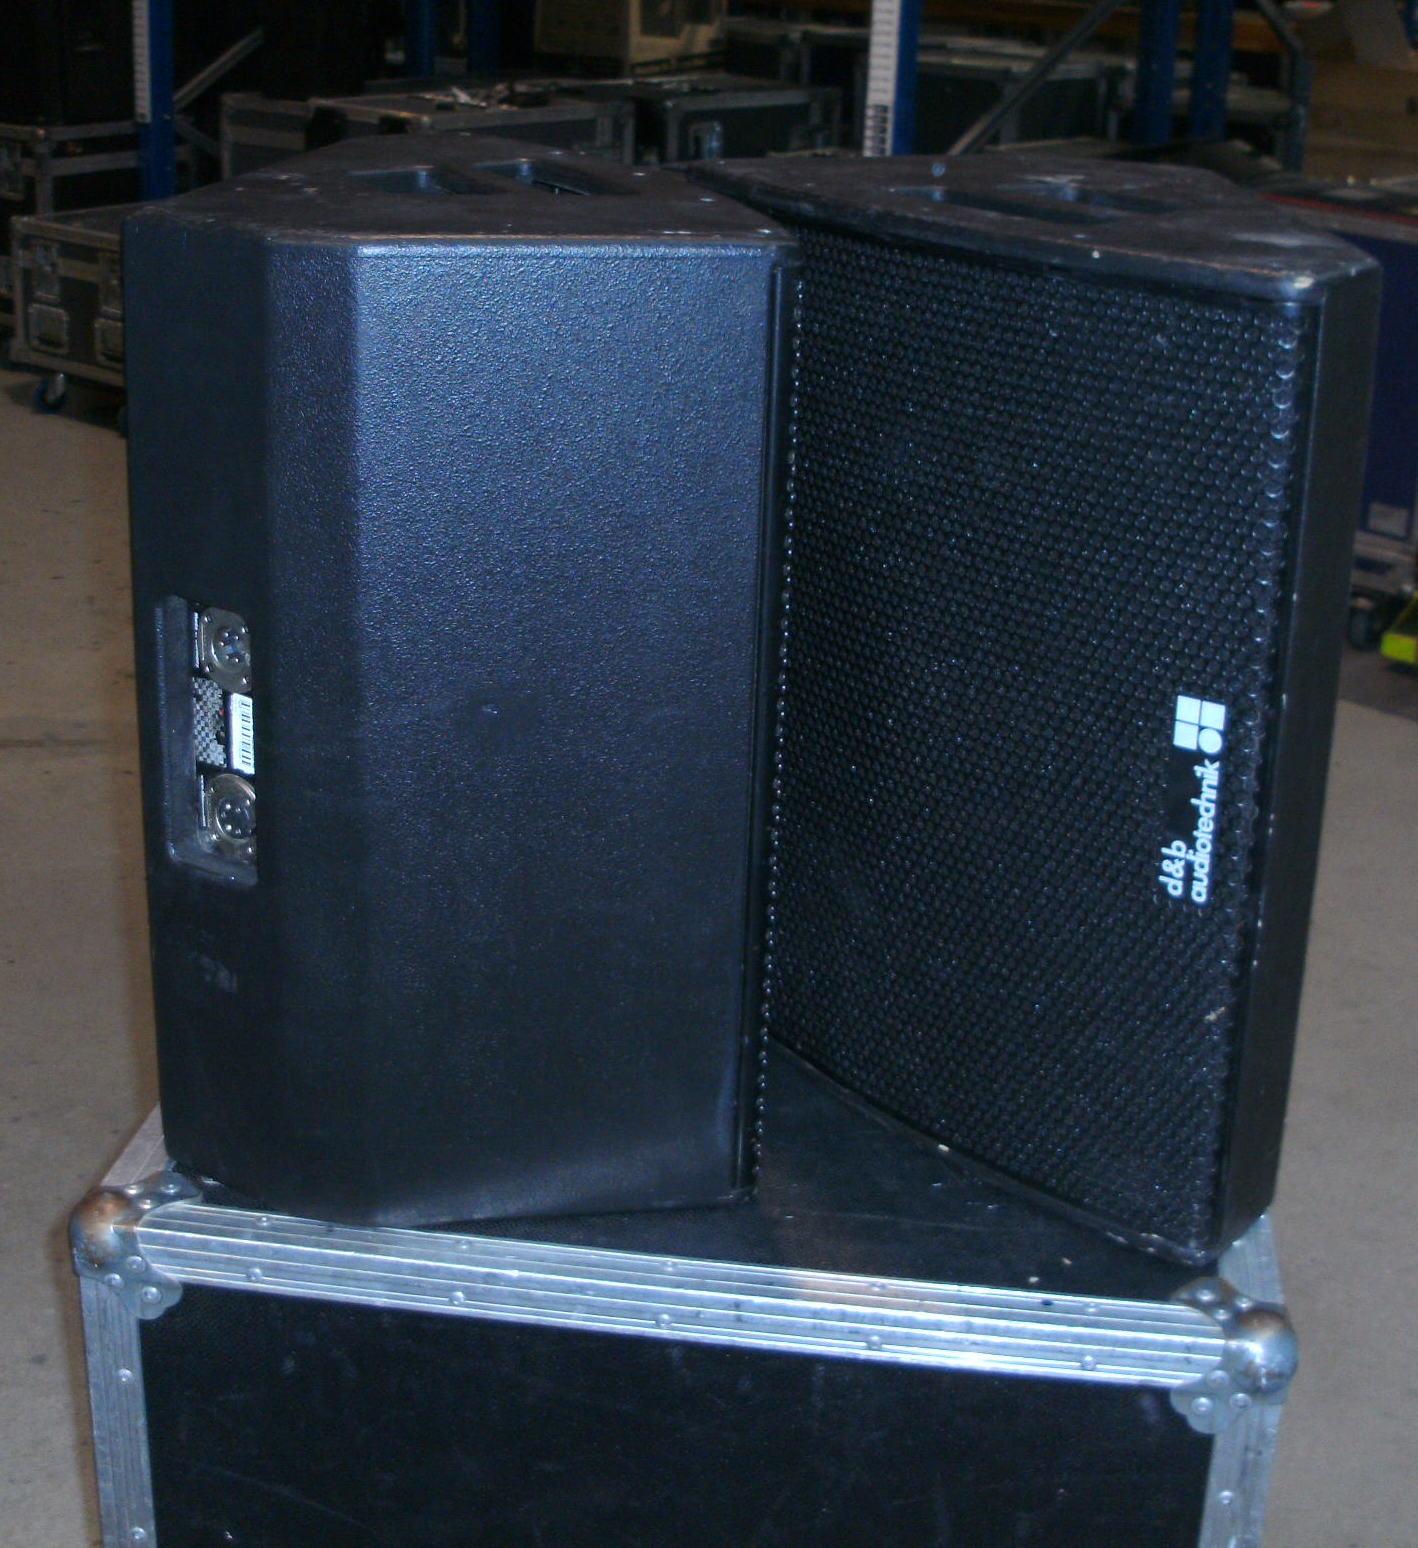 d&b Audiotechnik M4 Image